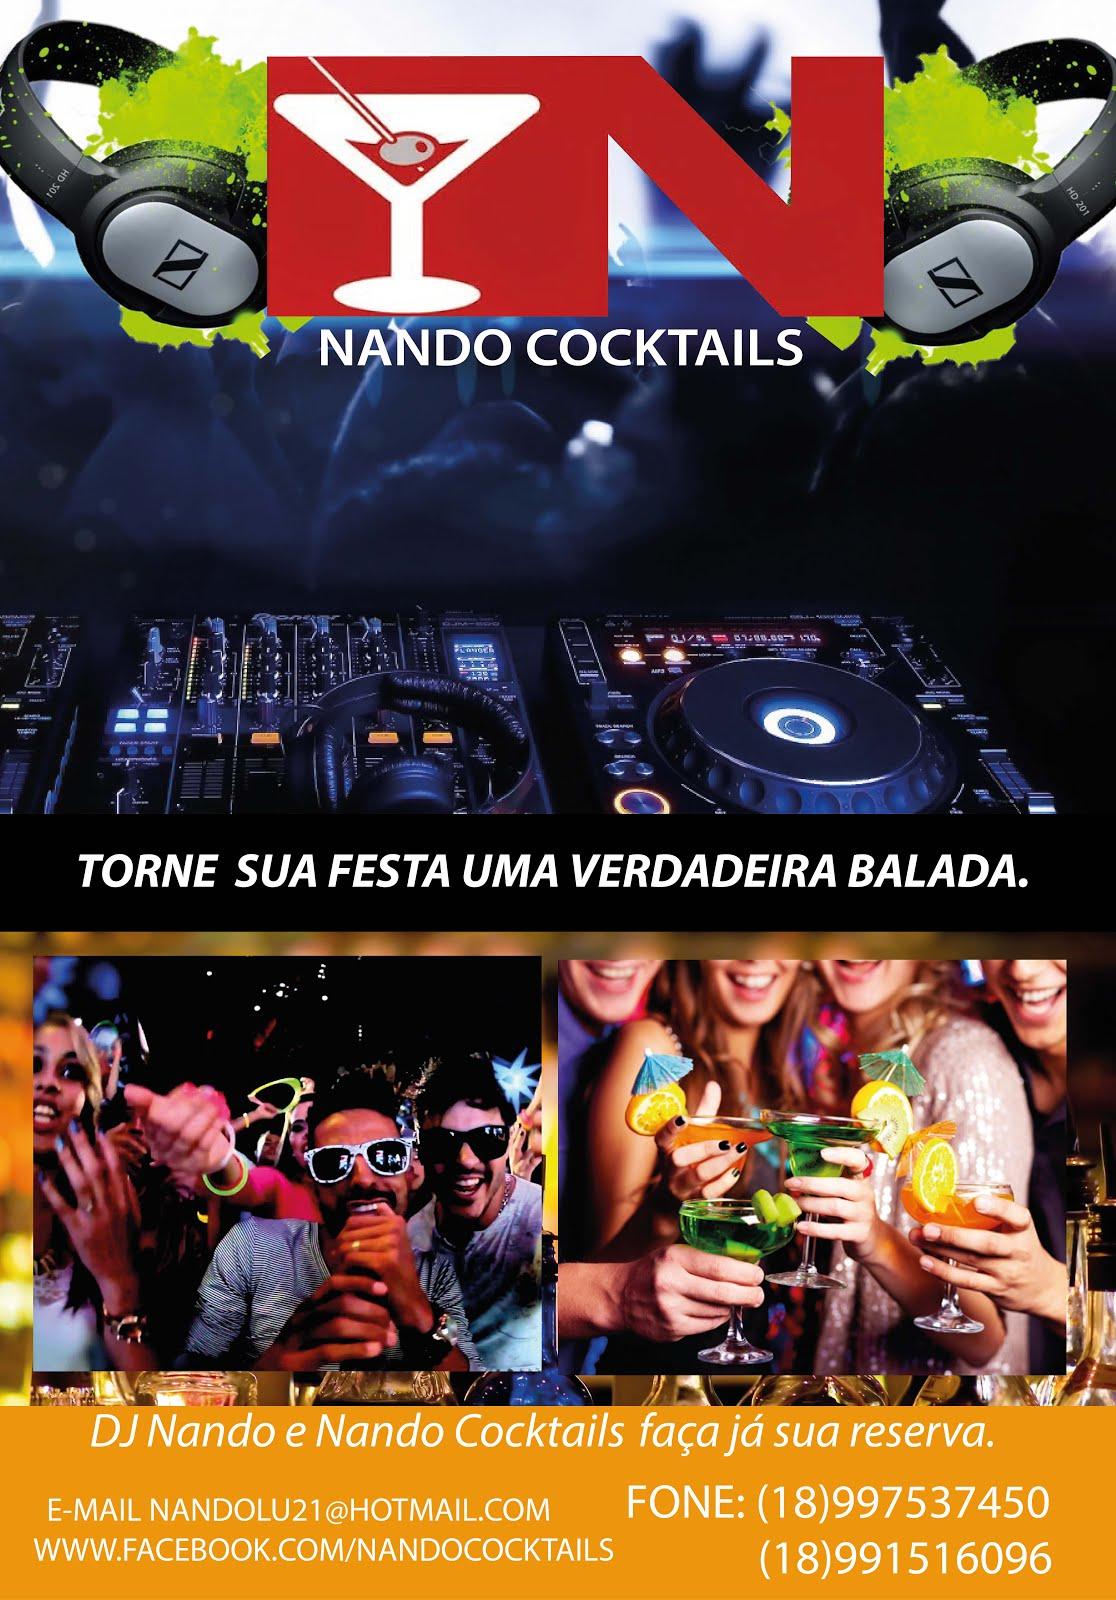 Nando Coquetéis